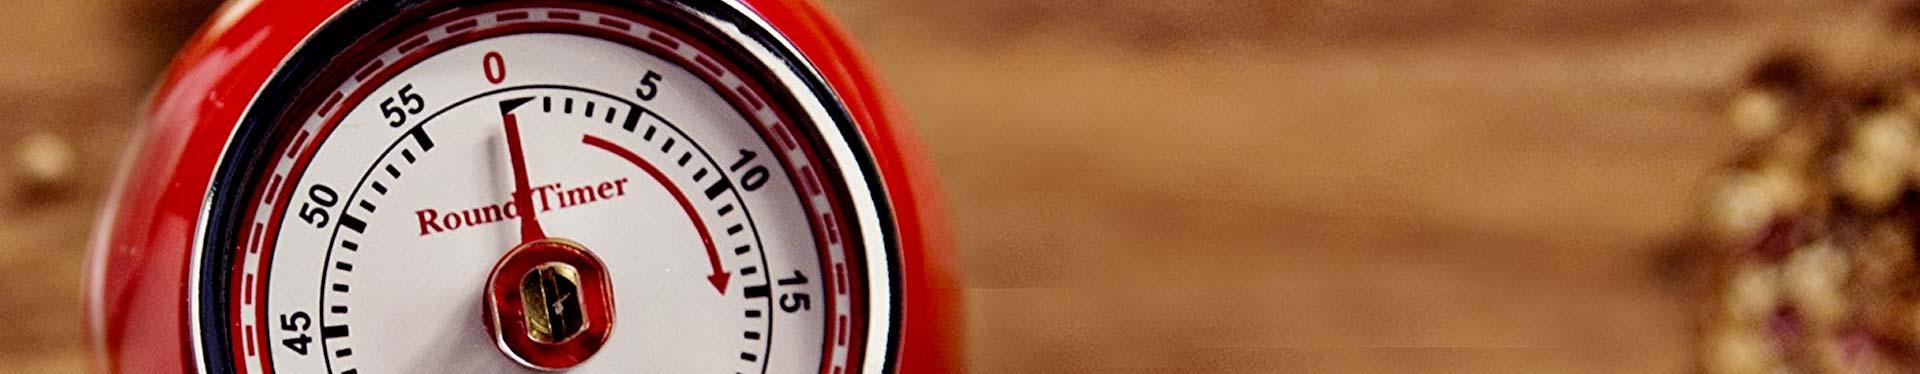 Küchentimer, Kurzzeitmesser & Eieruhren